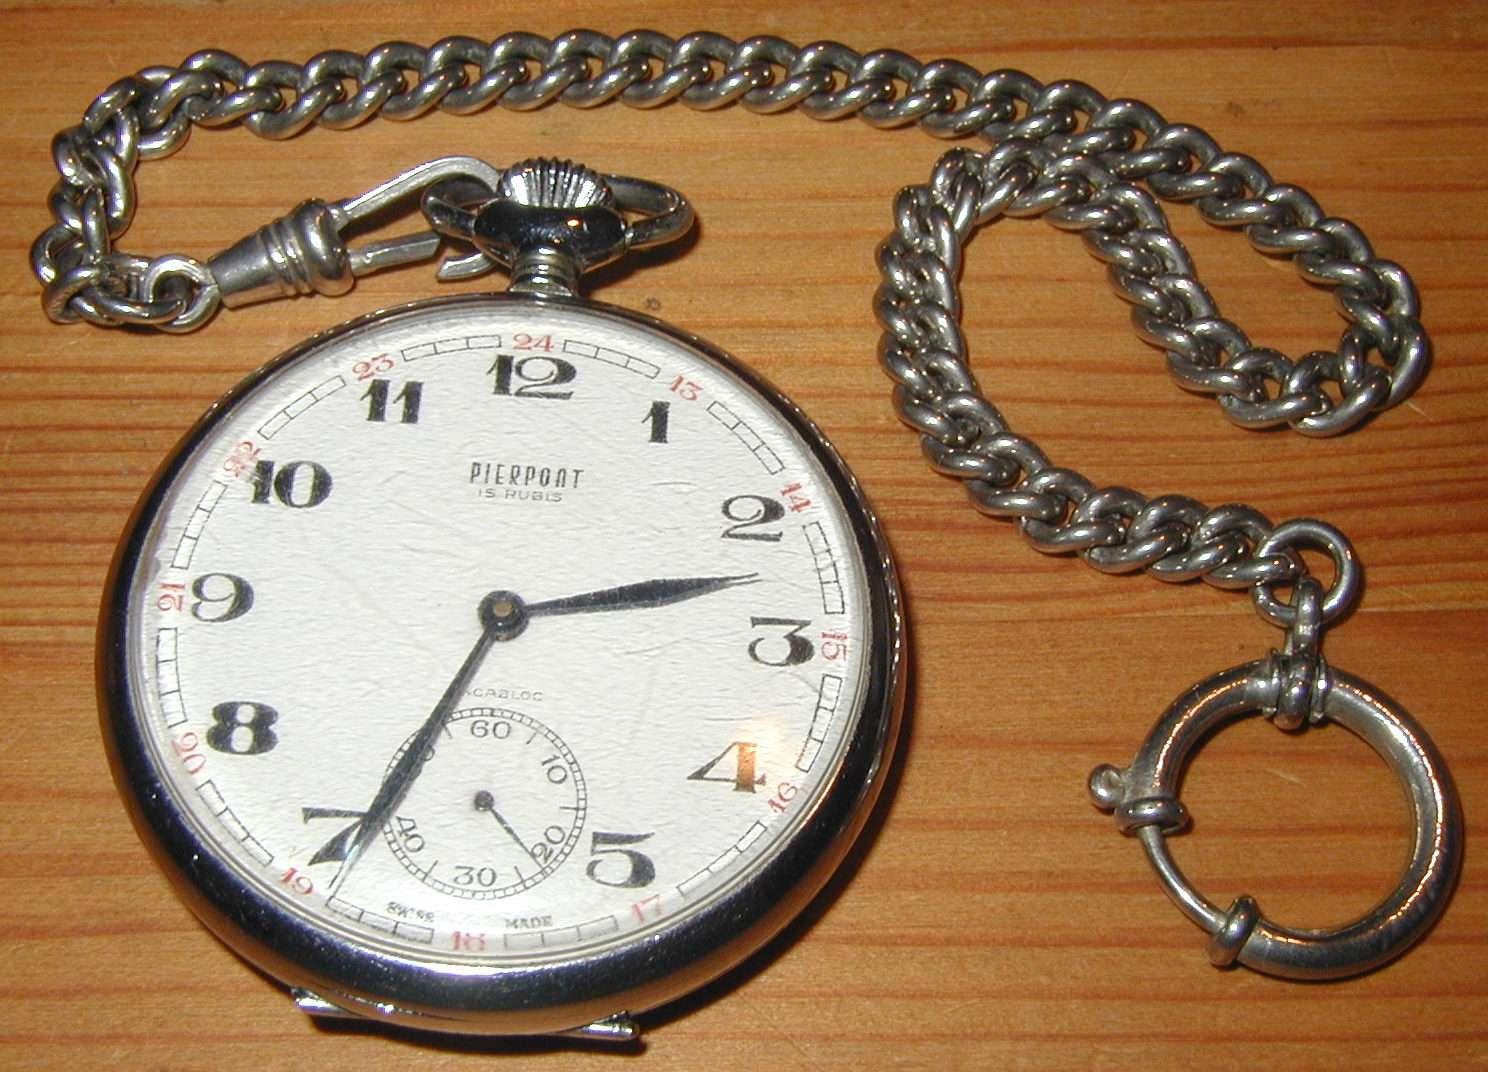 La montre automatique d'Abraham Louis Perrelet a révolutionné l'usage de l'horlogerie. © Roger McLassus, CC BY-SA 3.0, Wikimedia Commons